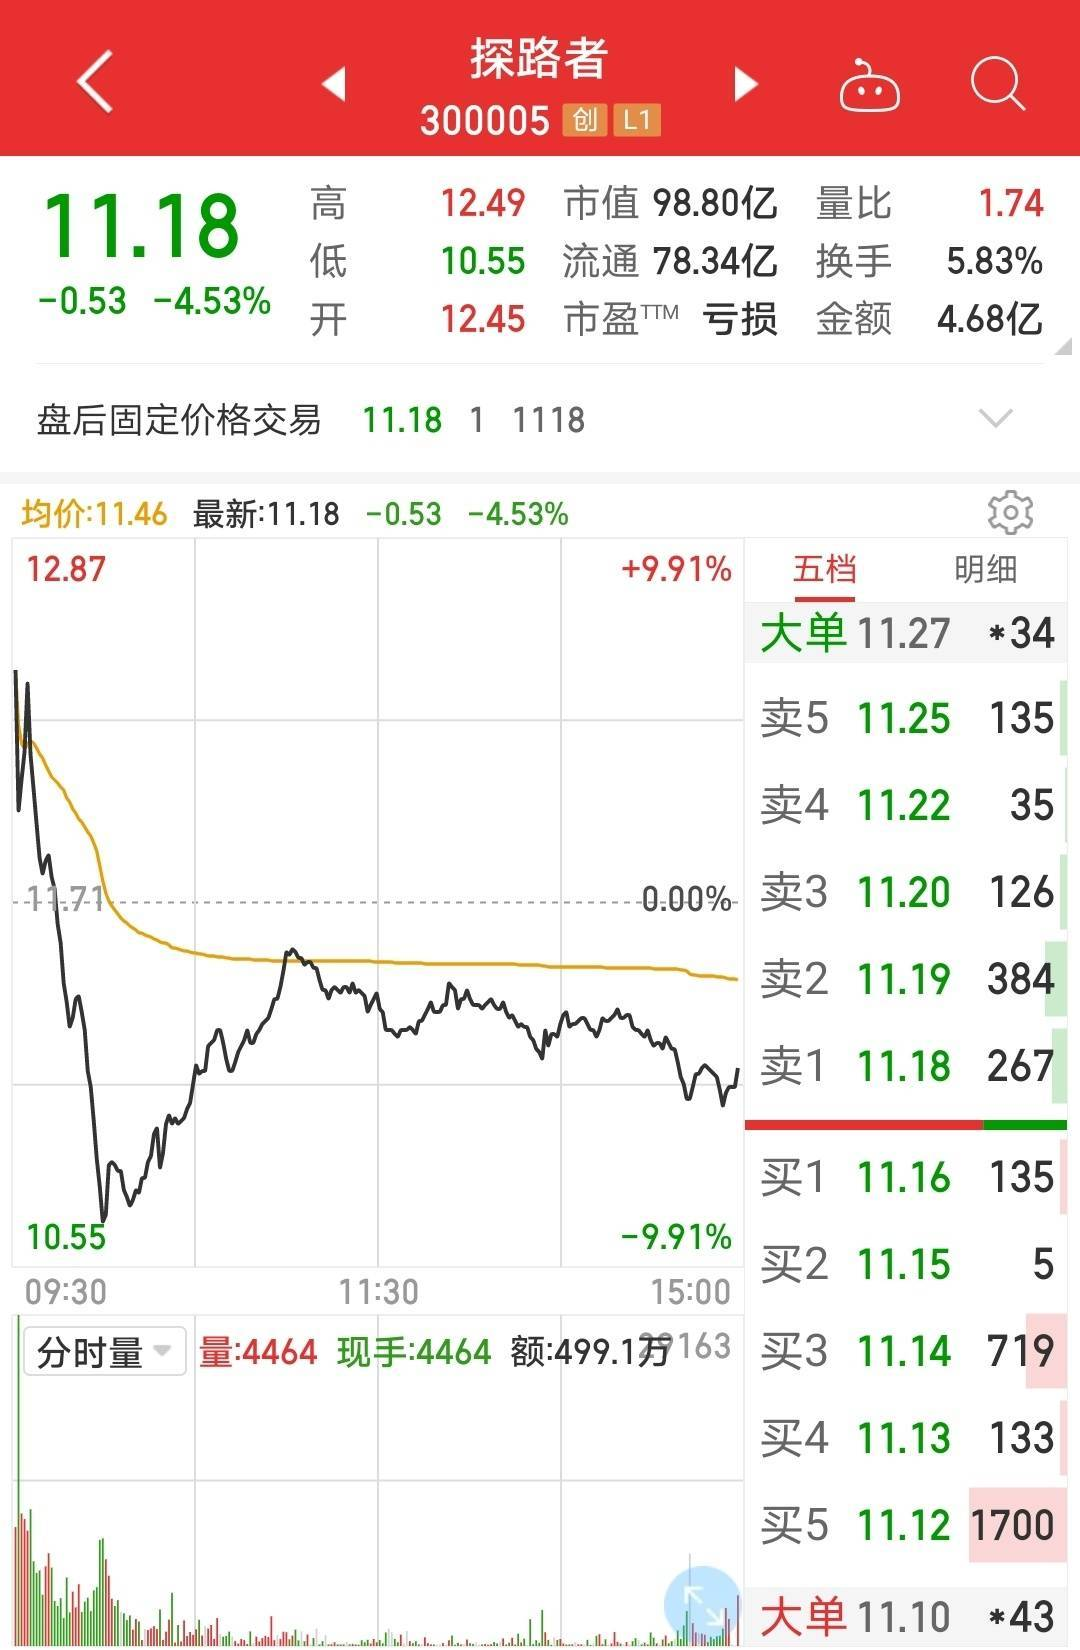 拟收购标的北京芯能仍在亏损中 探路者跨界搞芯片靠不靠谱?